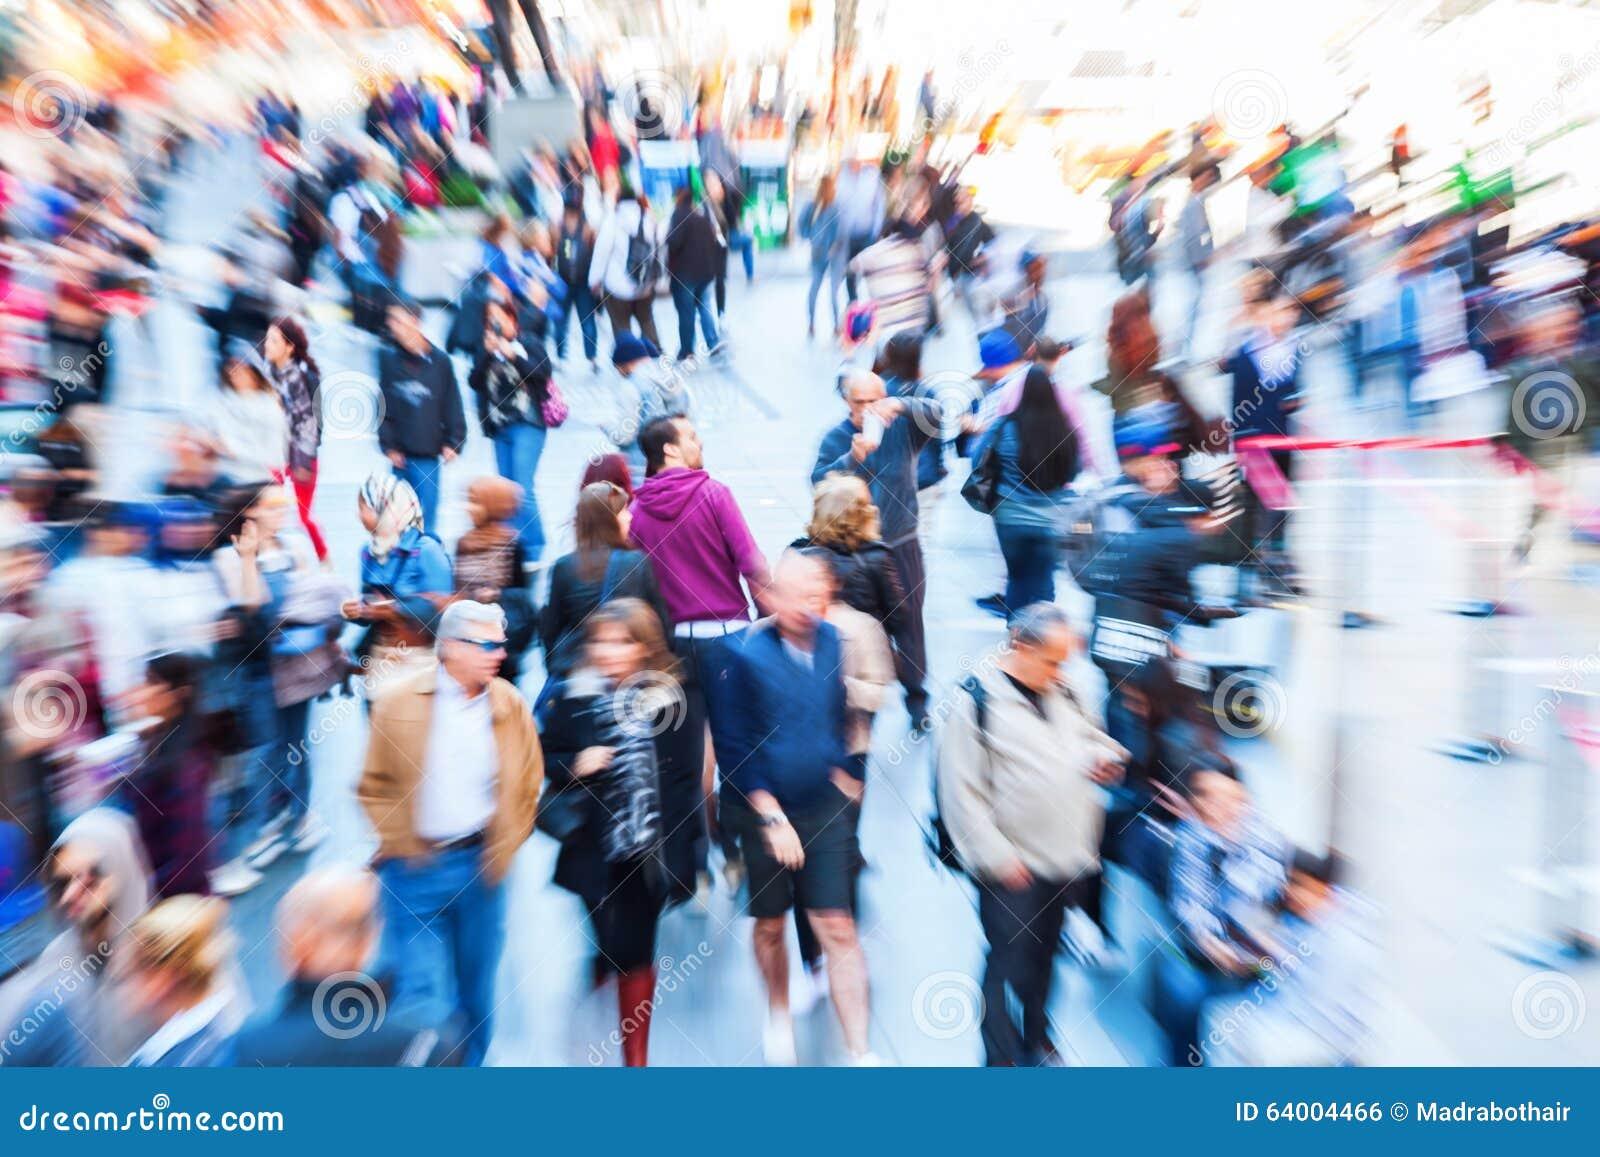 Imagen de muchedumbres de gente en la ciudad con efecto del enfoque